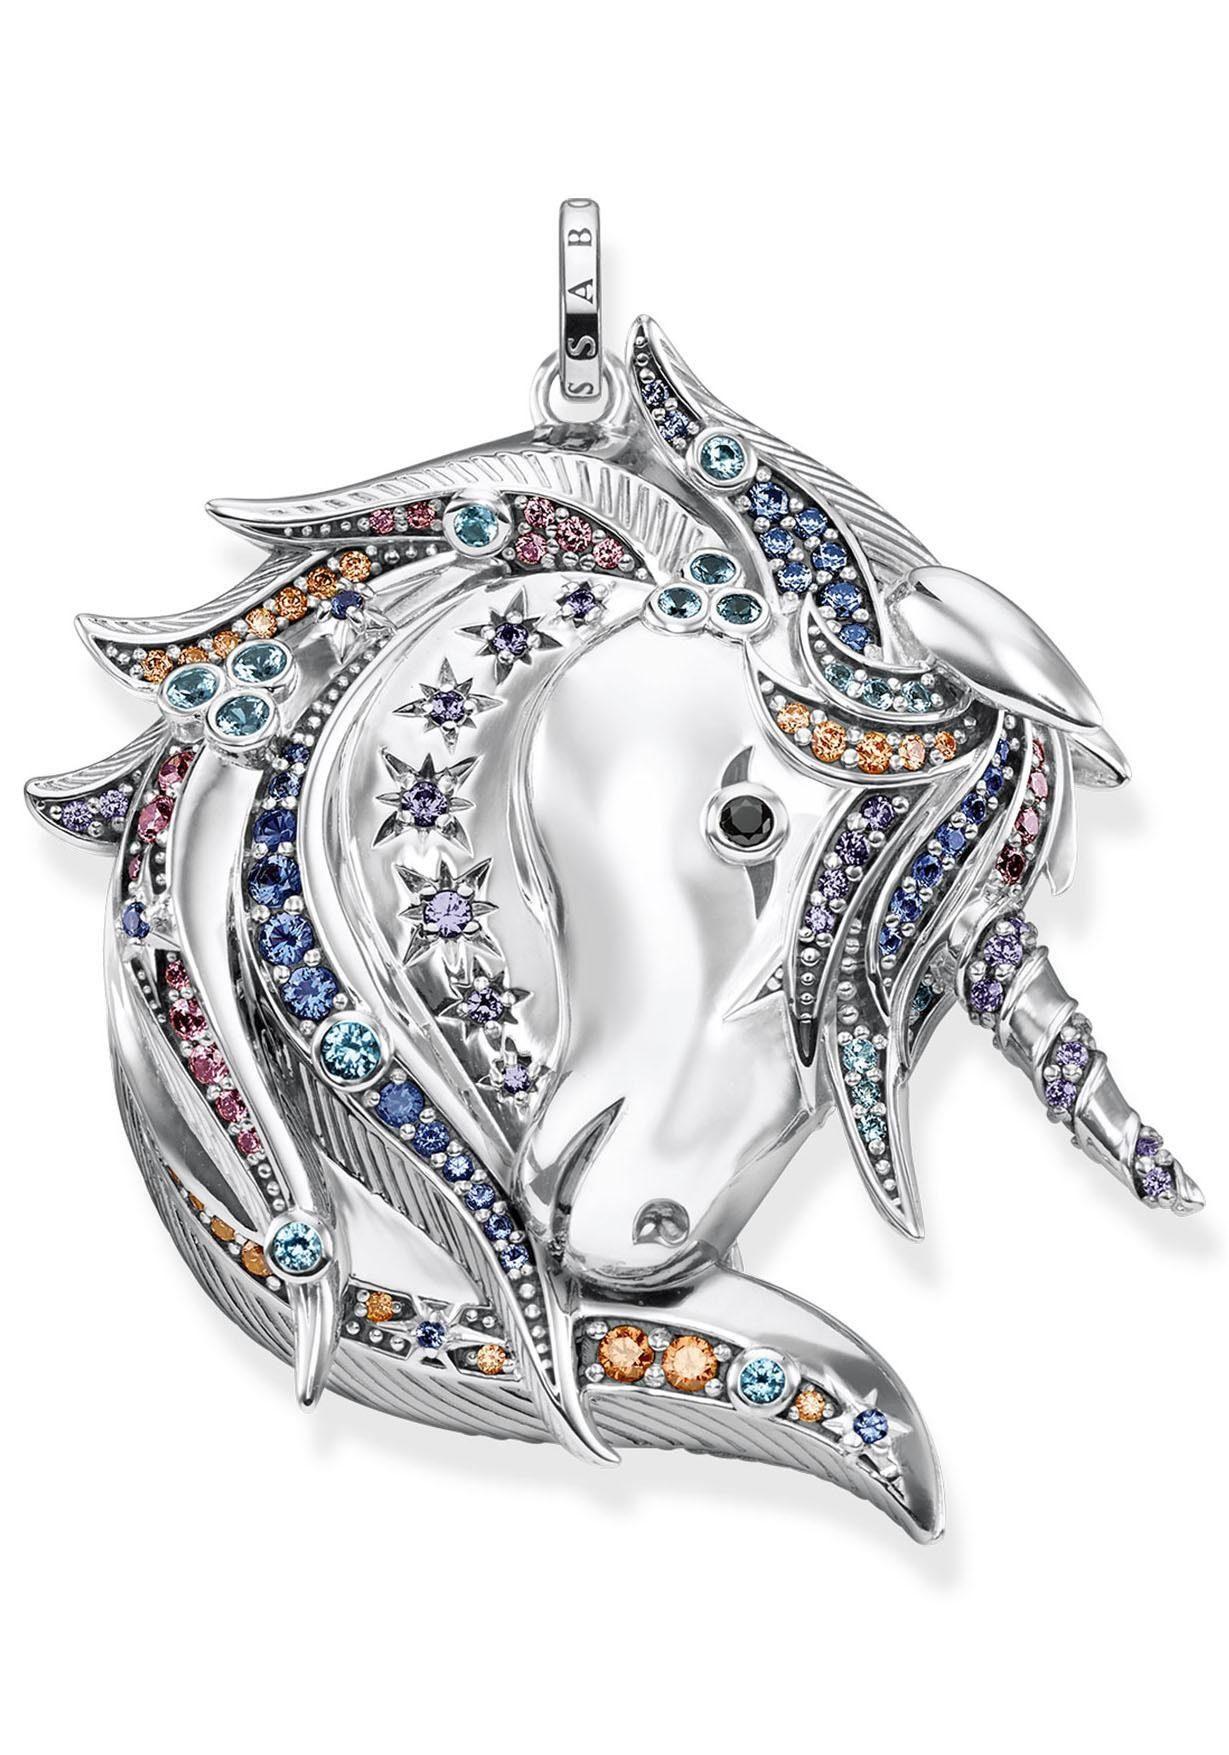 THOMAS SABO Kettenanhänger »Royalty Einhorn Silber, PE821-945-7« mit Glas-Keraminstein, Spinell (synth) und Zirkonia